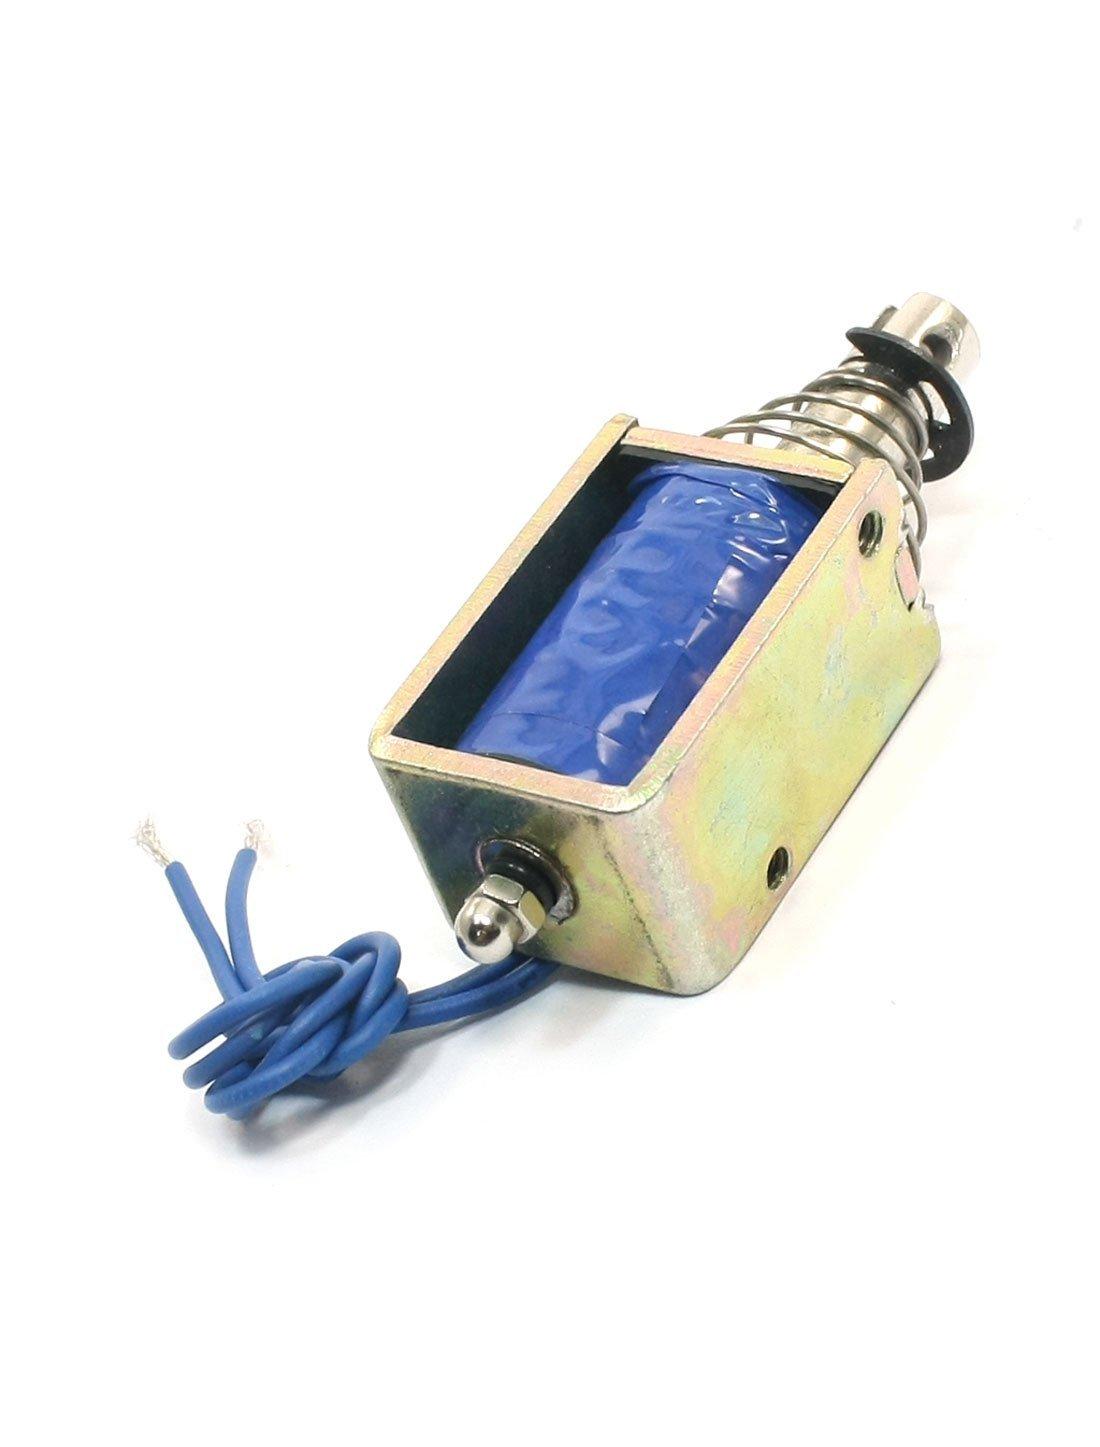 Amazon.com : DC24V 25N / 10mm Tire tipo de inserción DE 2 Cables del conector del electroimán del solenoide : Baby